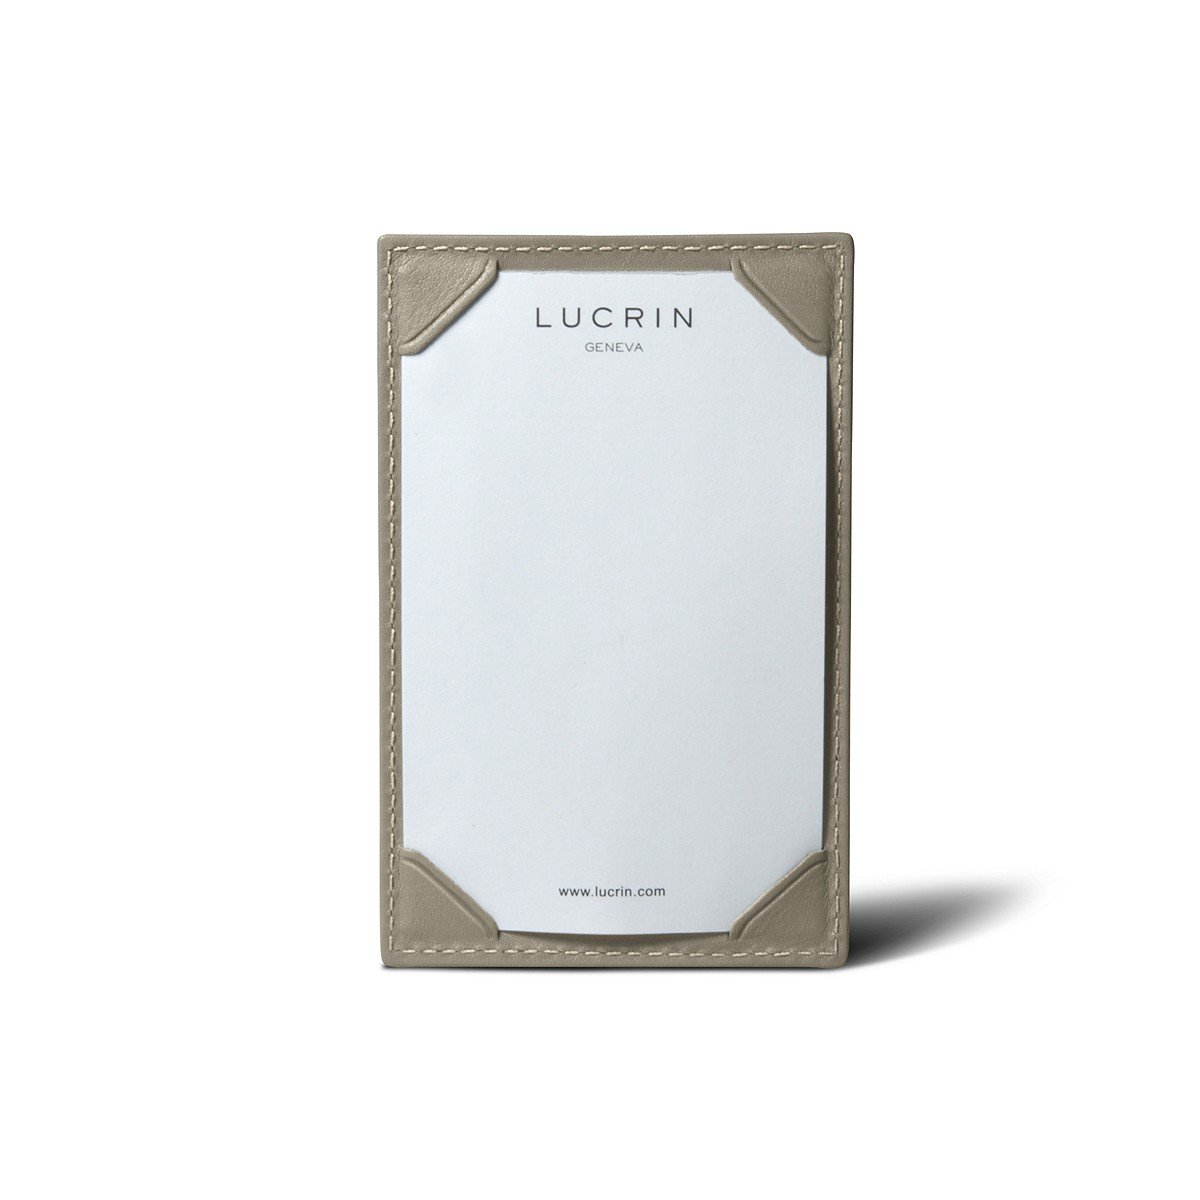 Lucrin – Small手書きパッド4.3 X 2.8インチ – Smoothレザー B006GTT852 ライトタープ ライトタープ